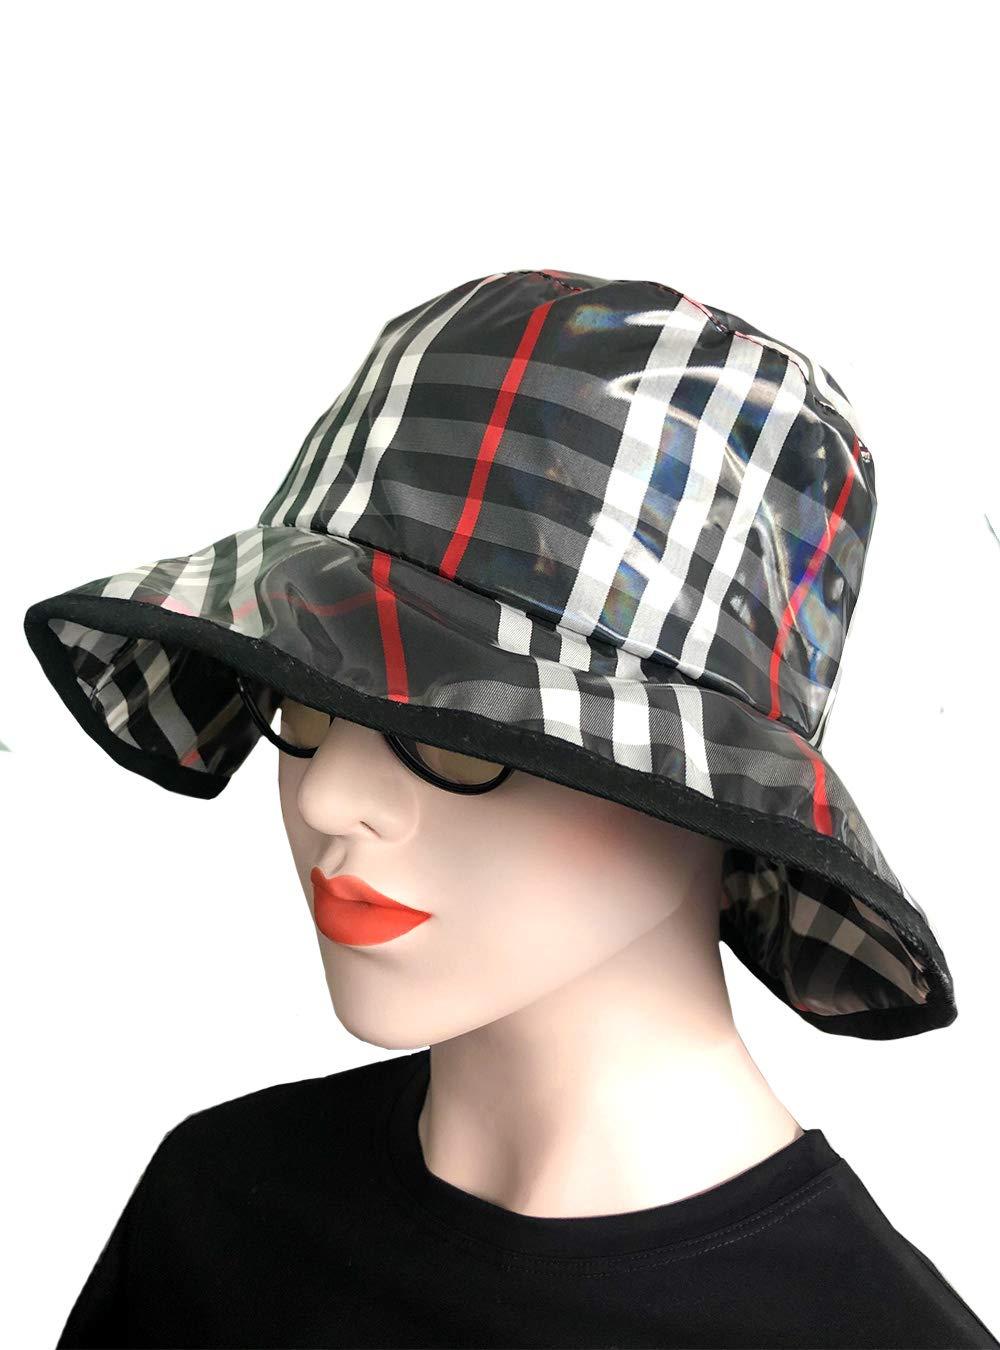 Luccy K Women's Rain Hats Waterproof Rain Hat Wide Brim Bucket Hat Rain Cap, Lk-chic35, One Size